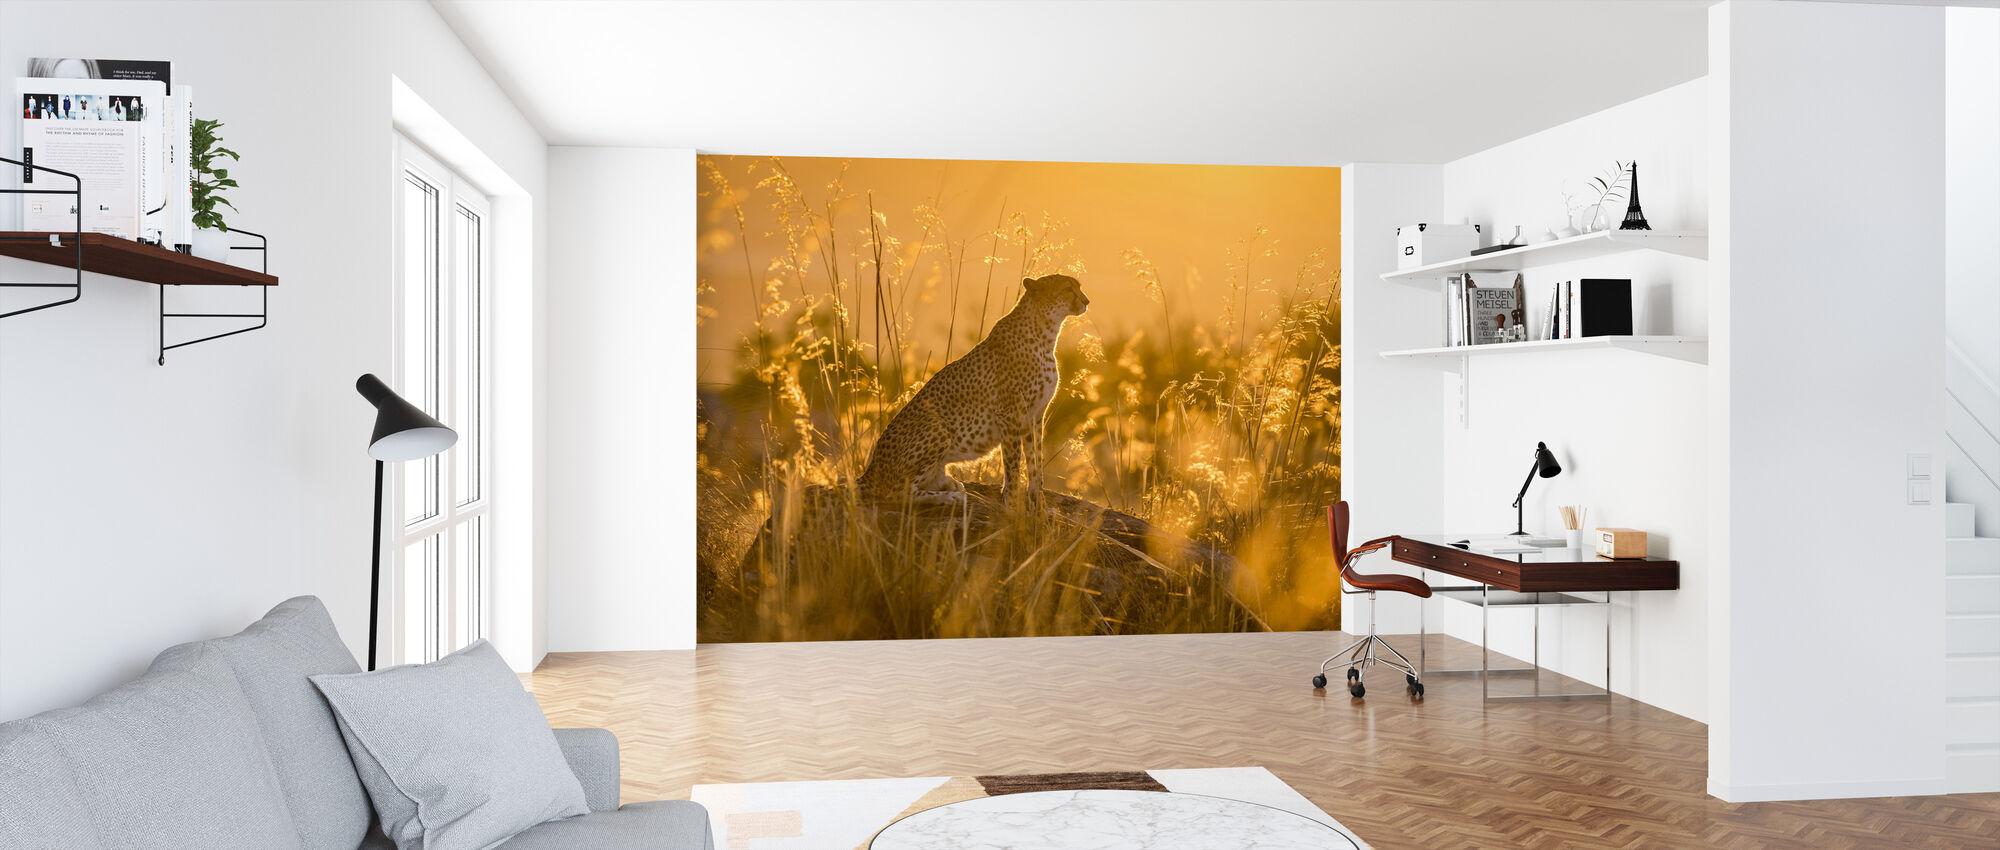 Zuid-Afrikaanse Jachtluipaard bij zonsondergang - Behang - Kantoor